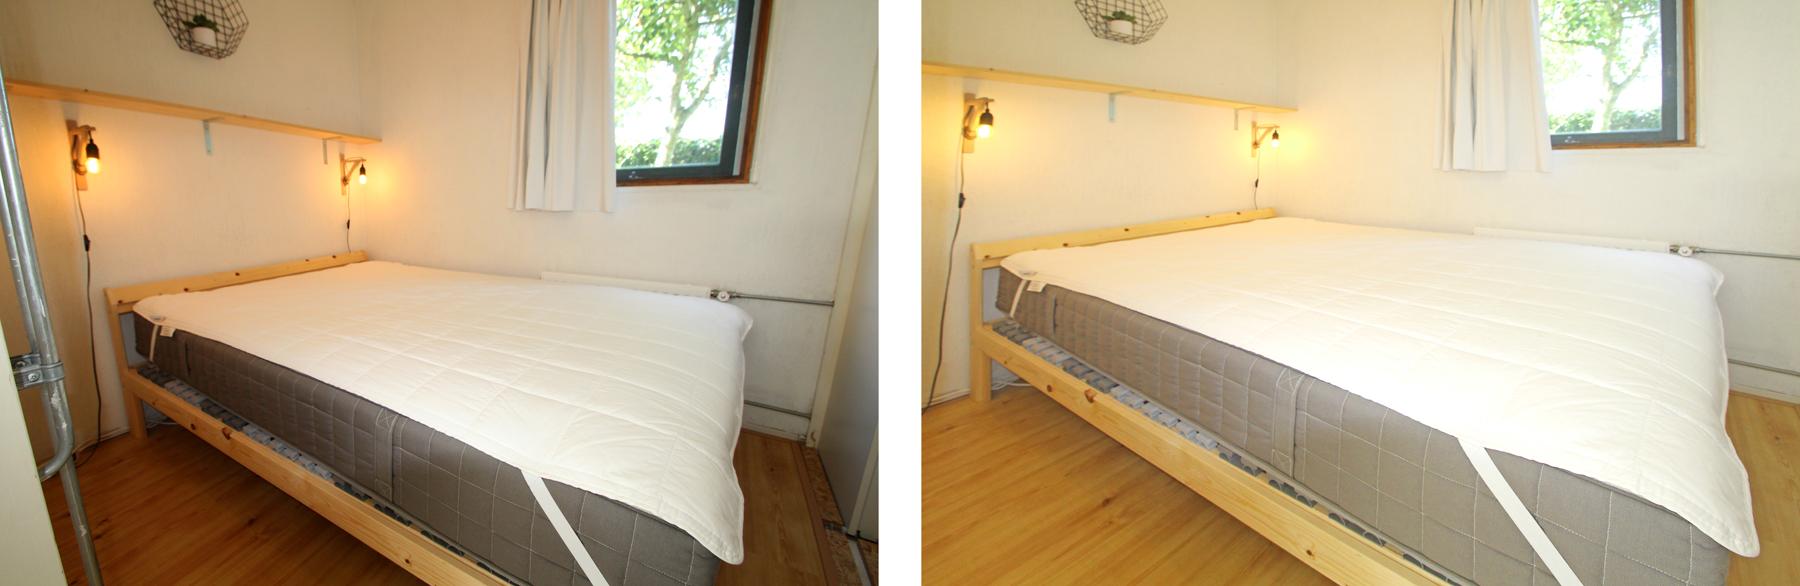 Blick auf Doppelbett im Schlafzimmer